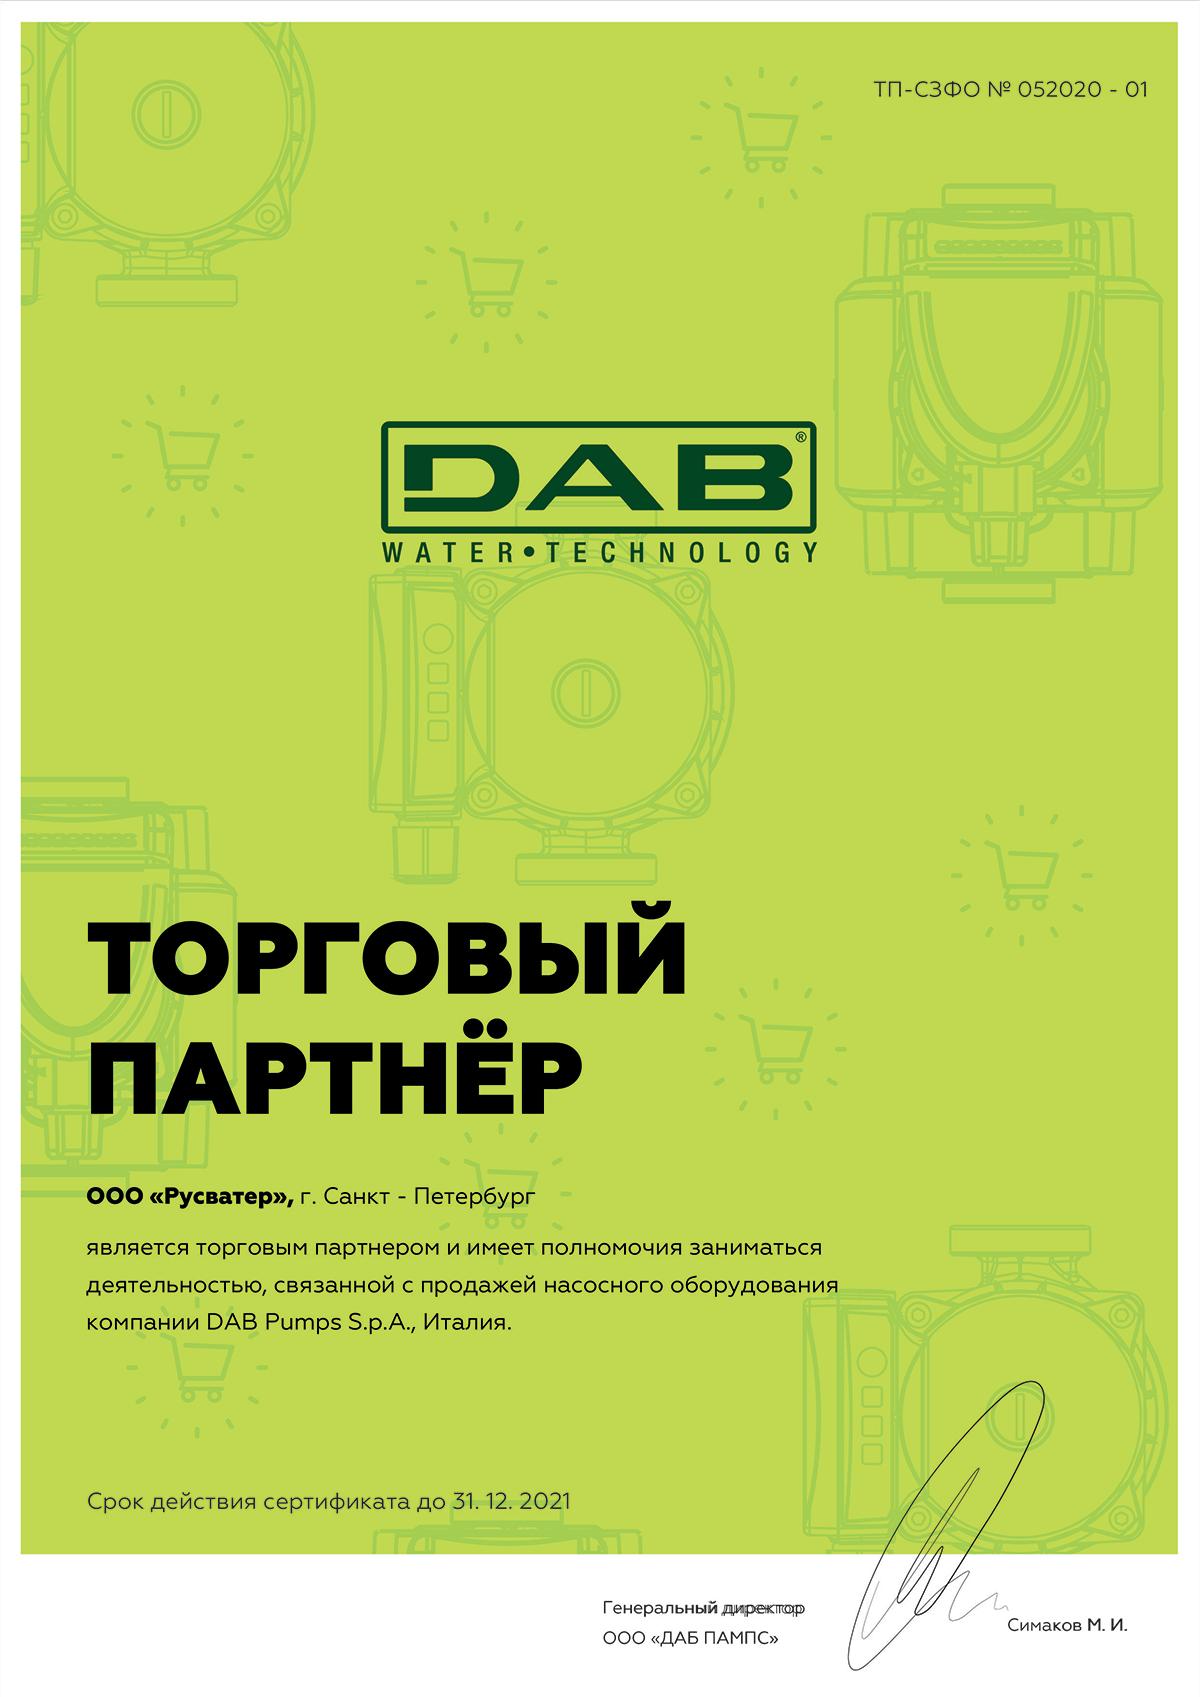 Сертификат партнерства с компанией DAB